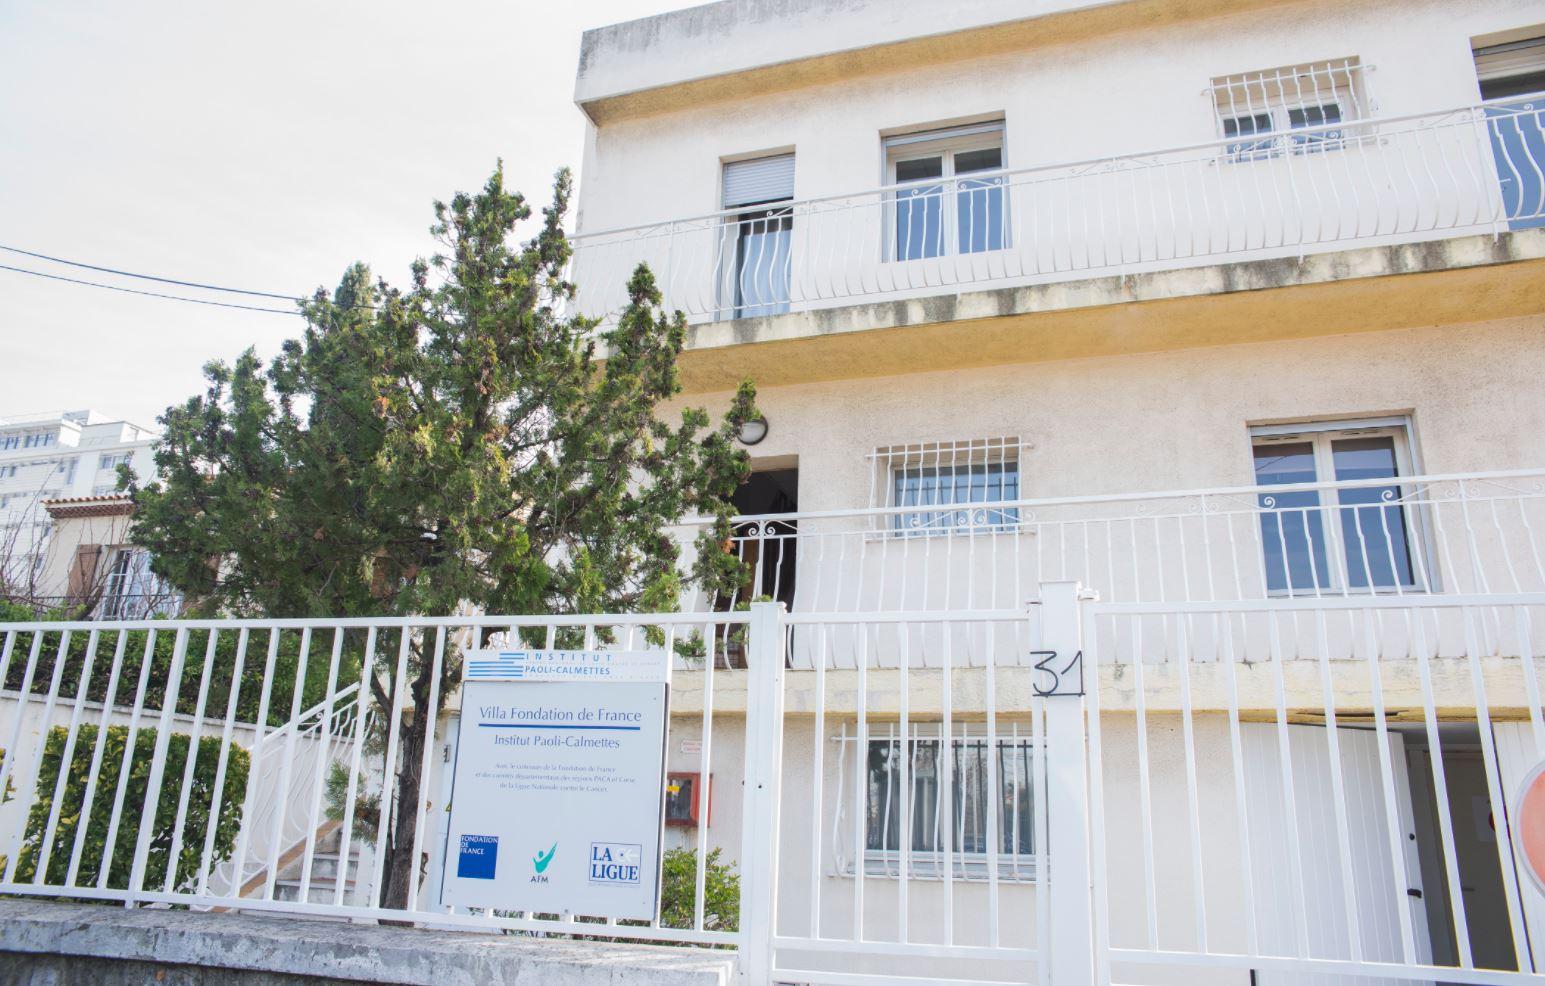 Un hôtel patient à Marseille : l'IPC (Institut Paoli-Calmettes) se dote d'un Hôtel pour Patients